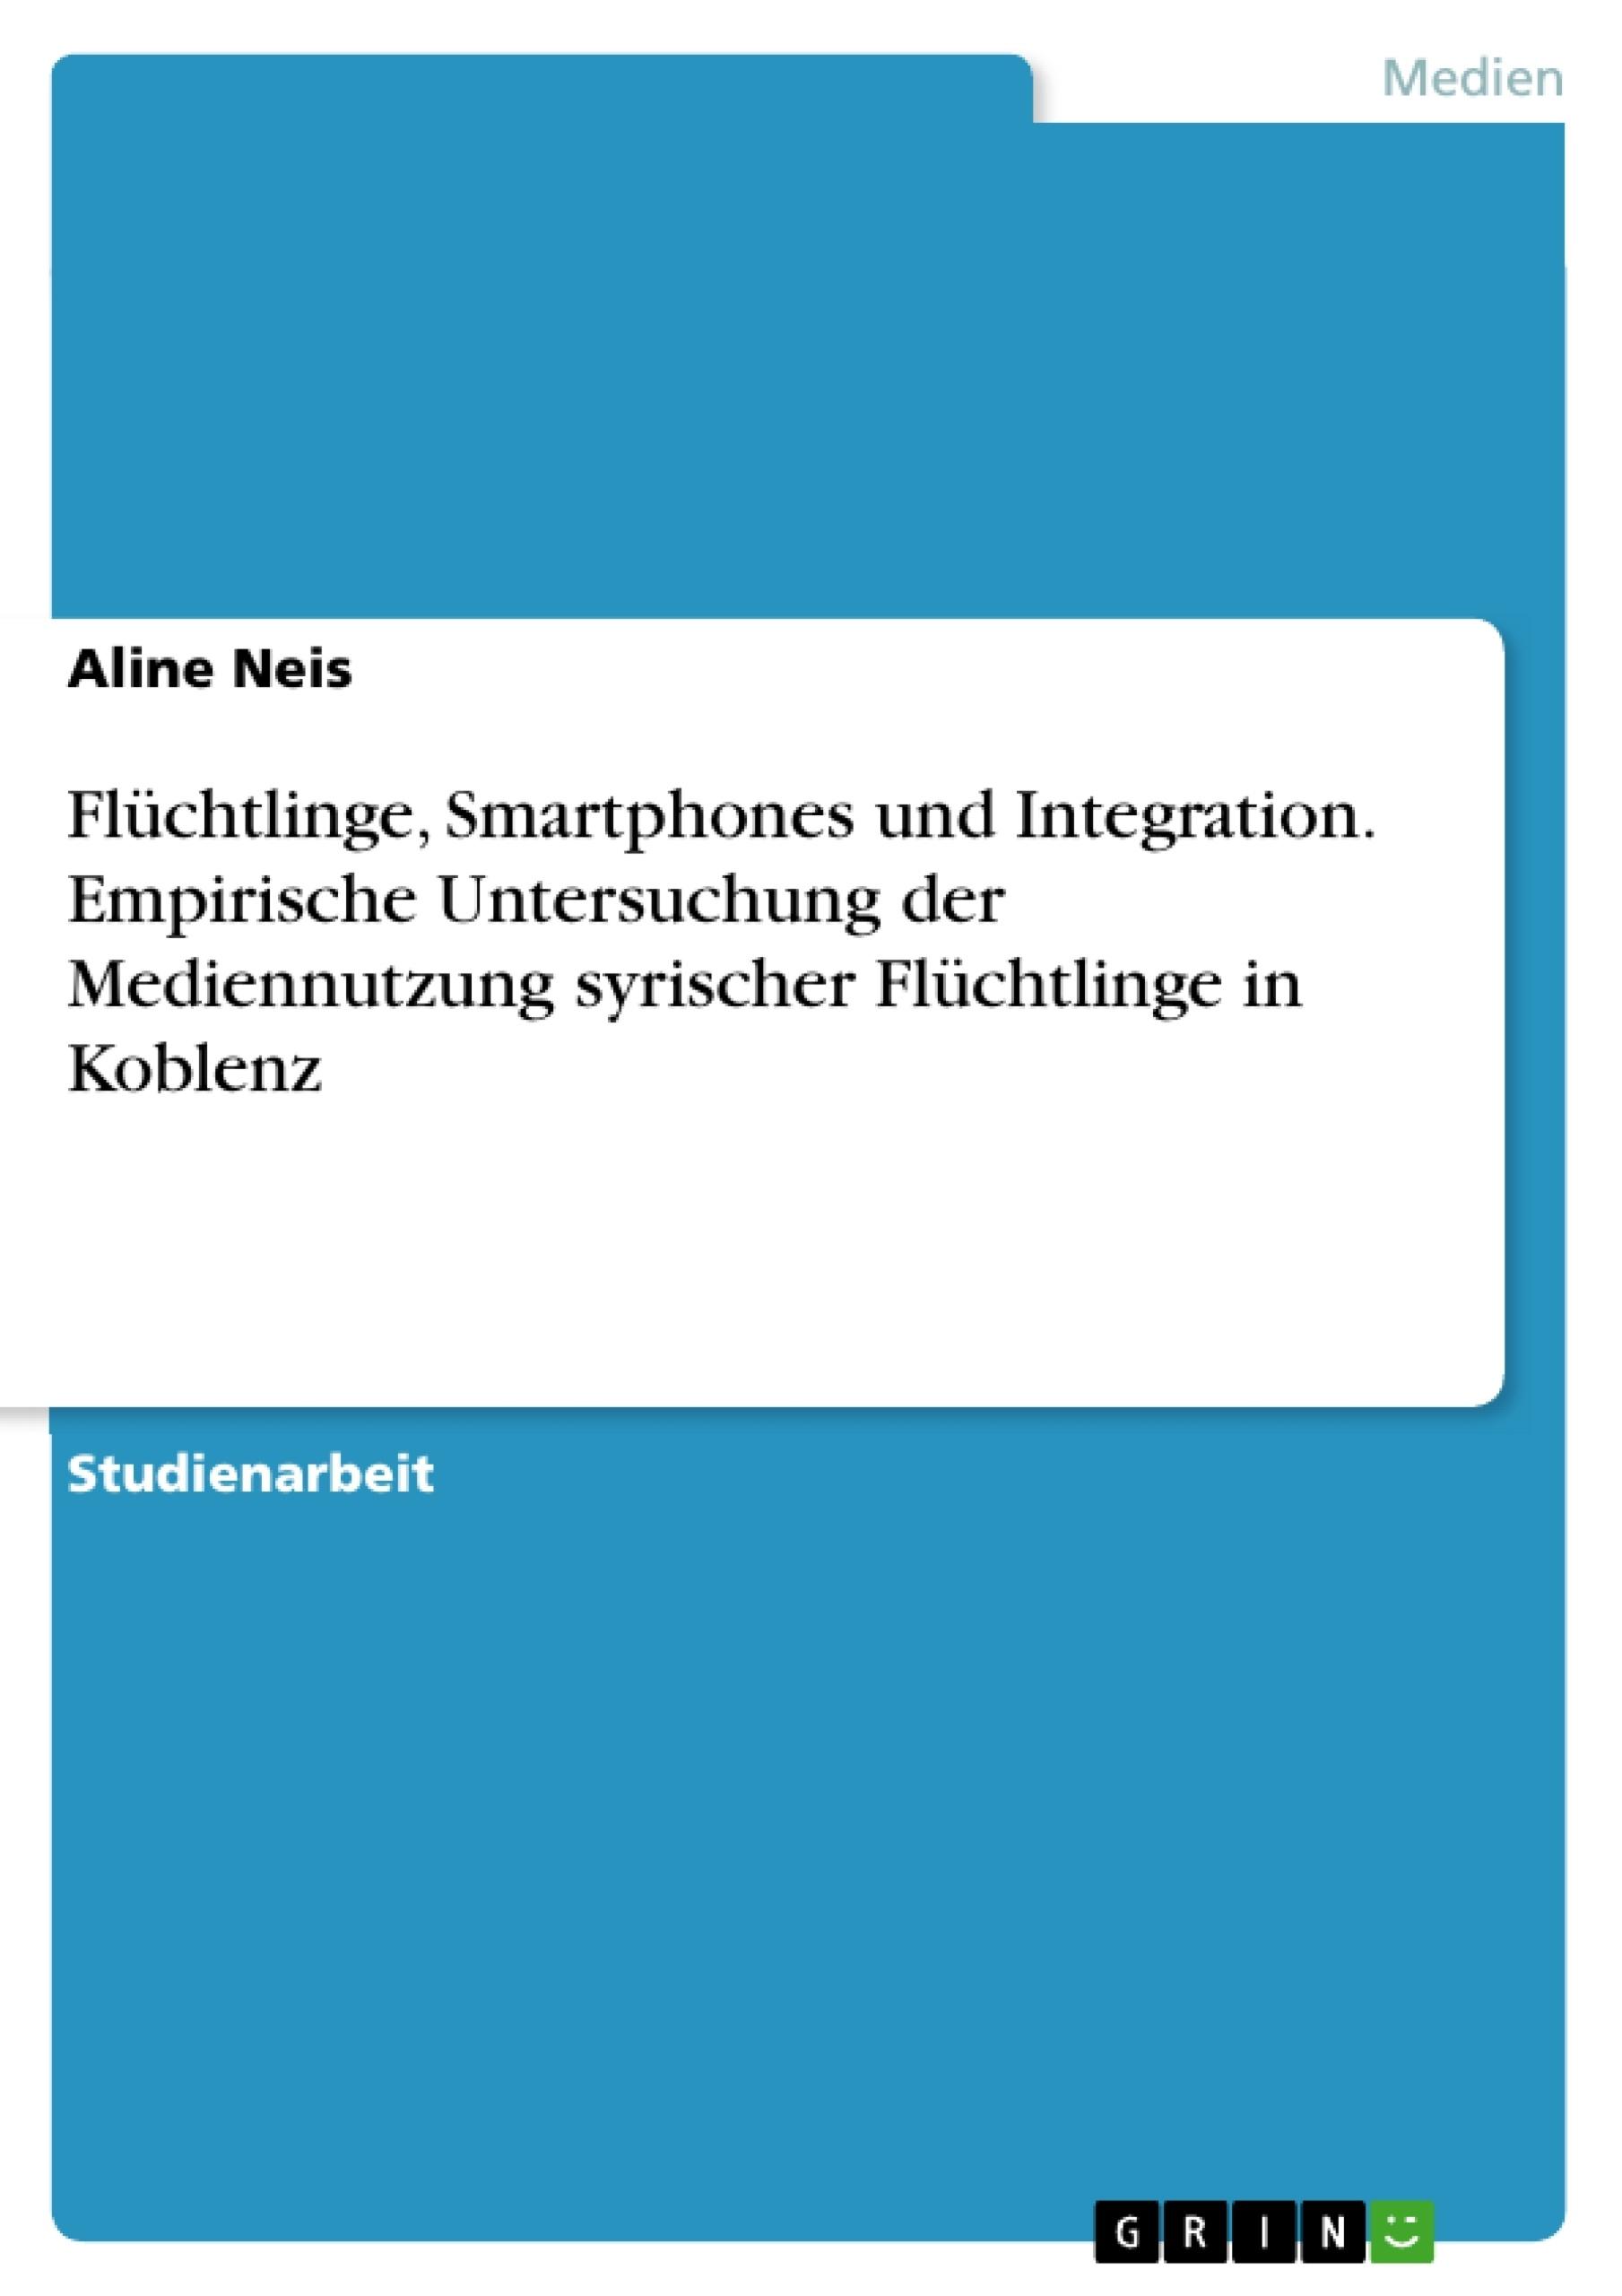 Titel: Flüchtlinge, Smartphones und Integration. Empirische Untersuchung der Mediennutzung syrischer Flüchtlinge in Koblenz